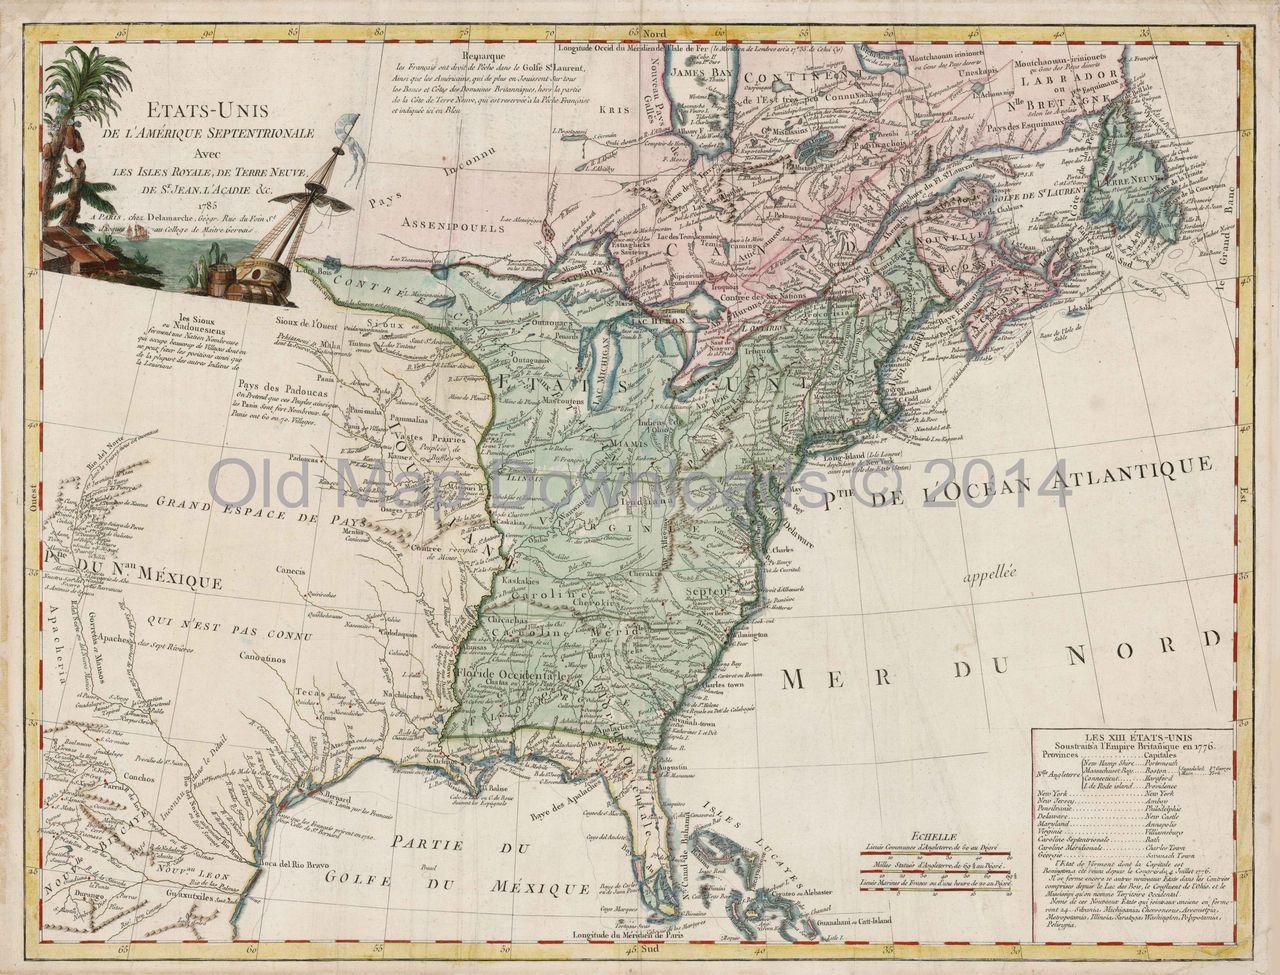 United States Old Map Brue  Digital Image Scan Download - Map of united states download